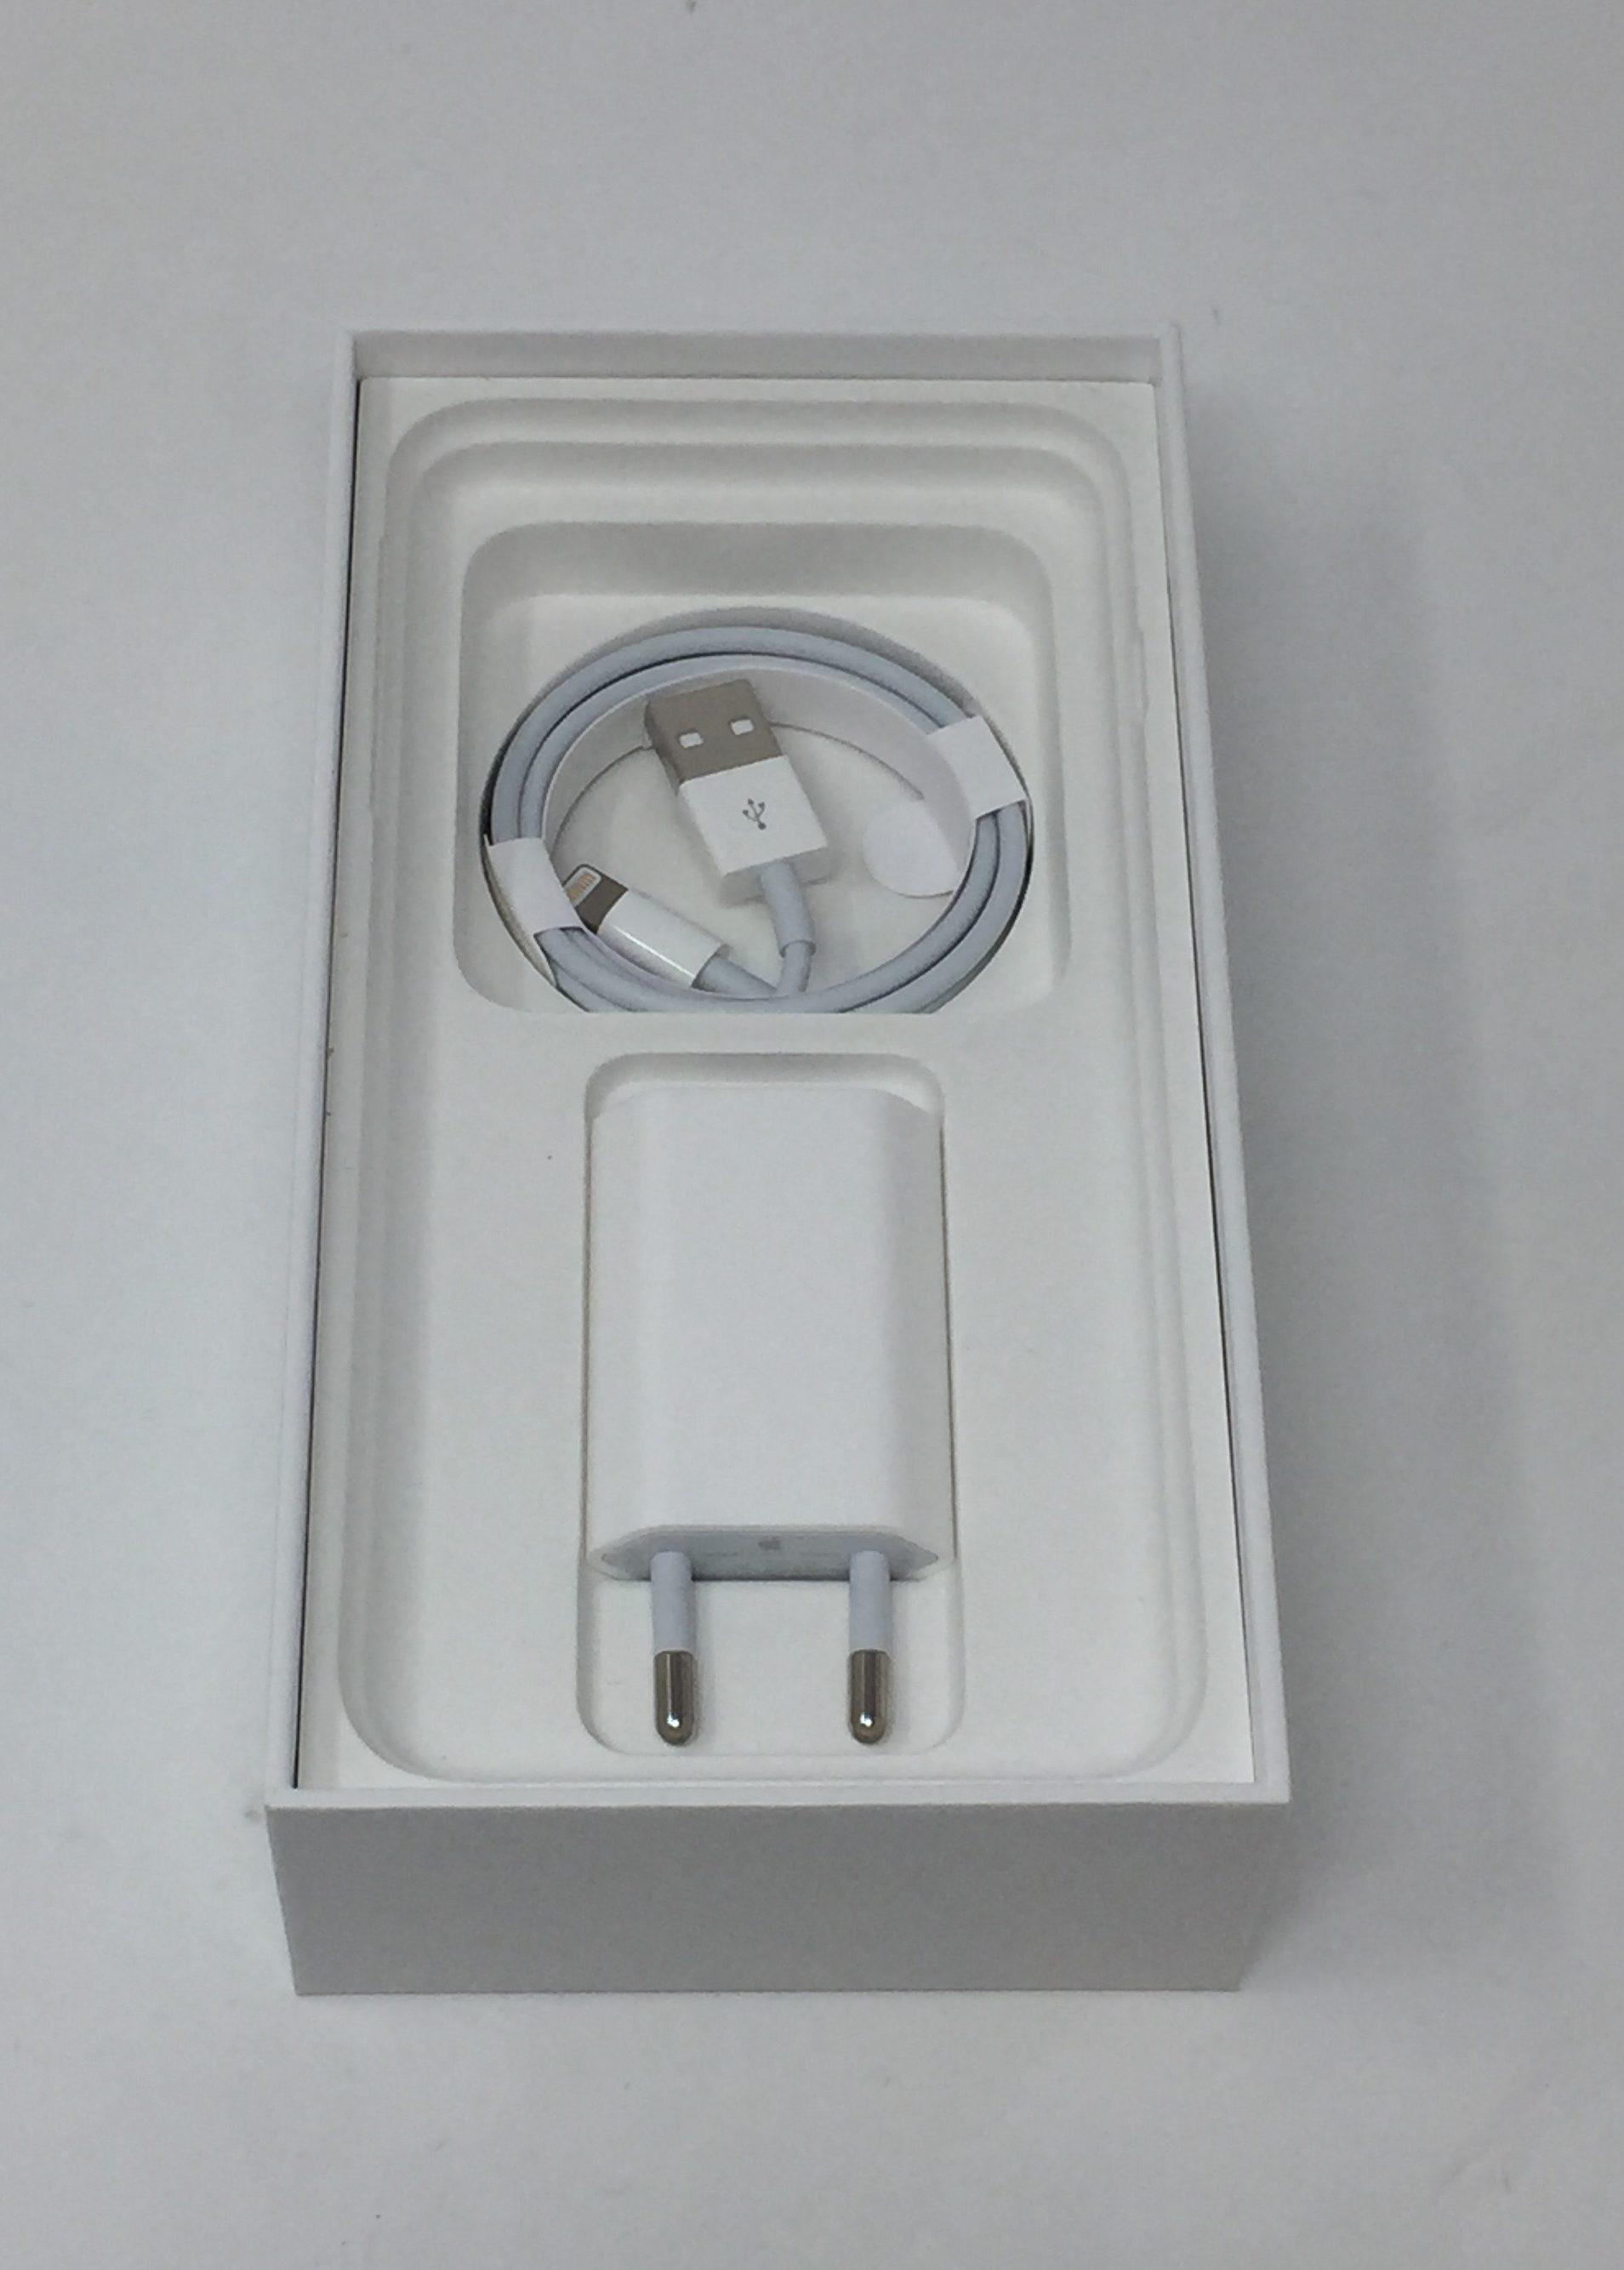 iPhone 7 Plus 32GB, 32 GB, ROSE GOLD, imagen 6